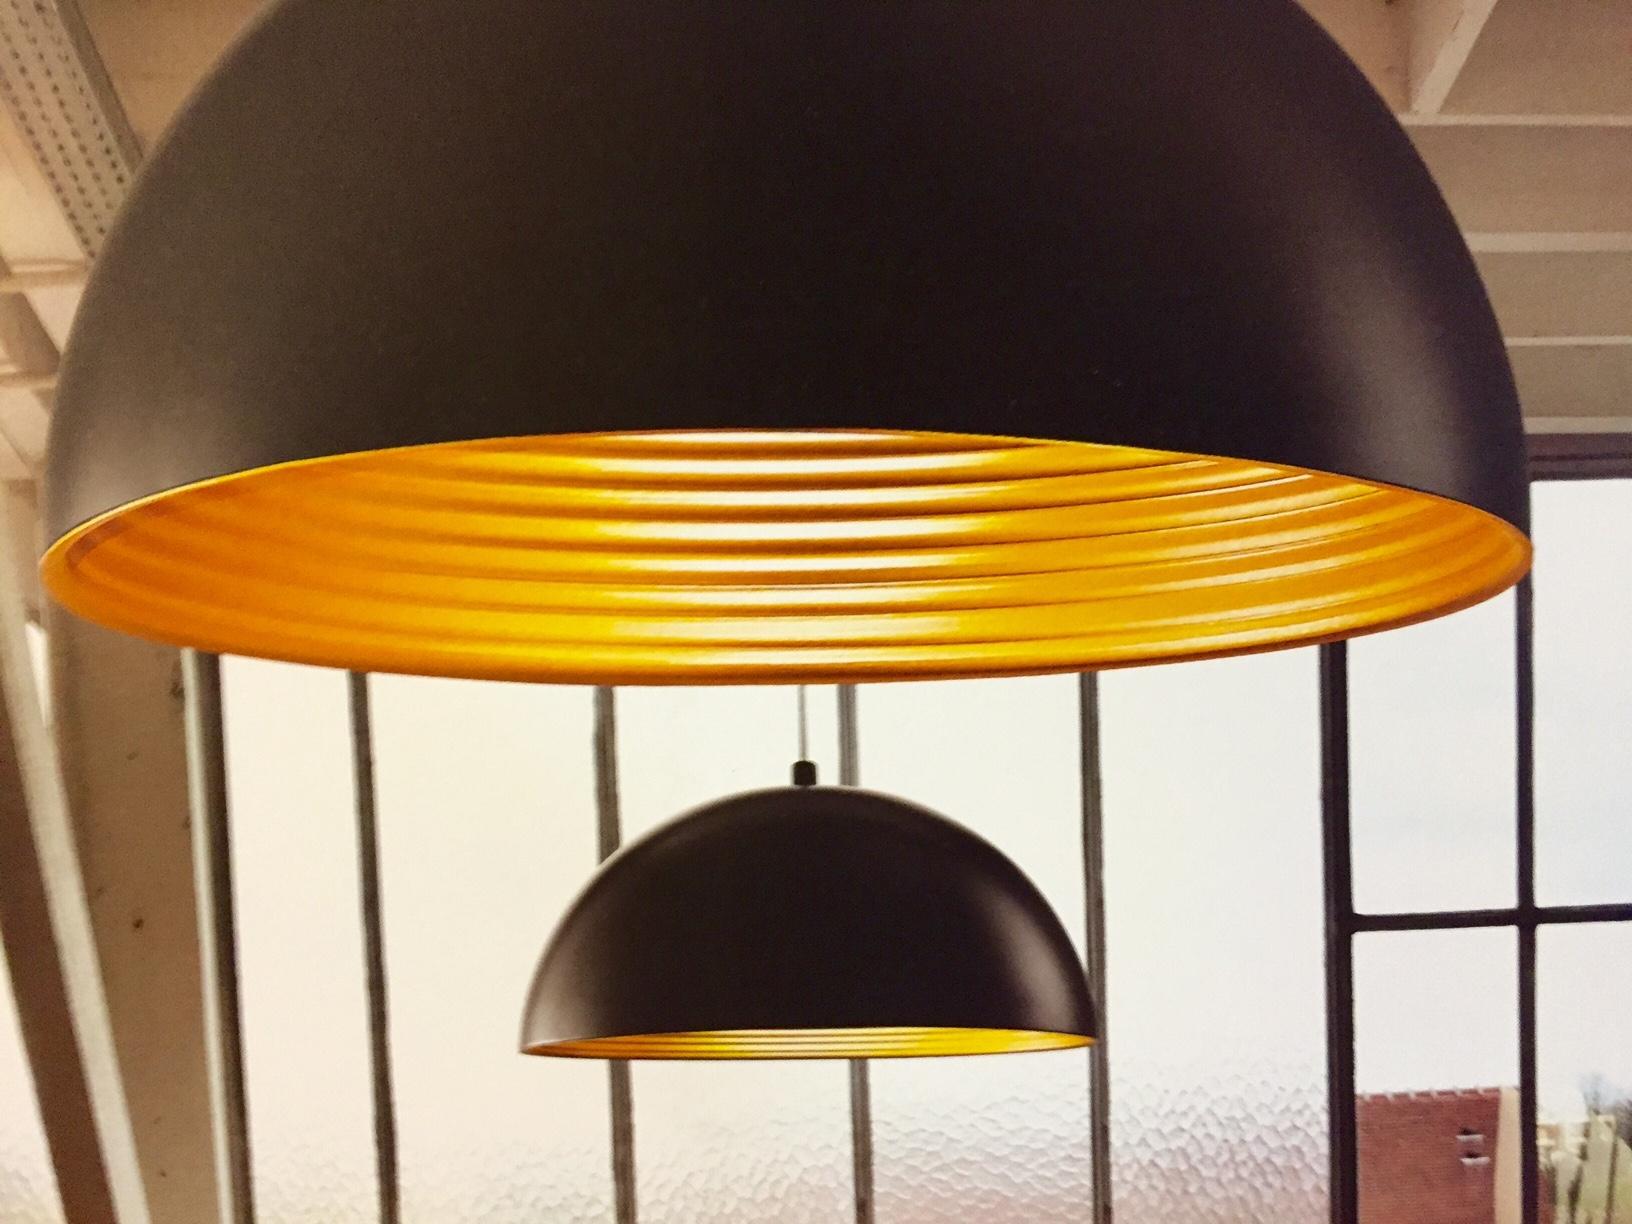 Illuminazione Fabas Luce Dingle 3215-40-101 Metallo Lampade a sospensione Design - Illuminazione ...